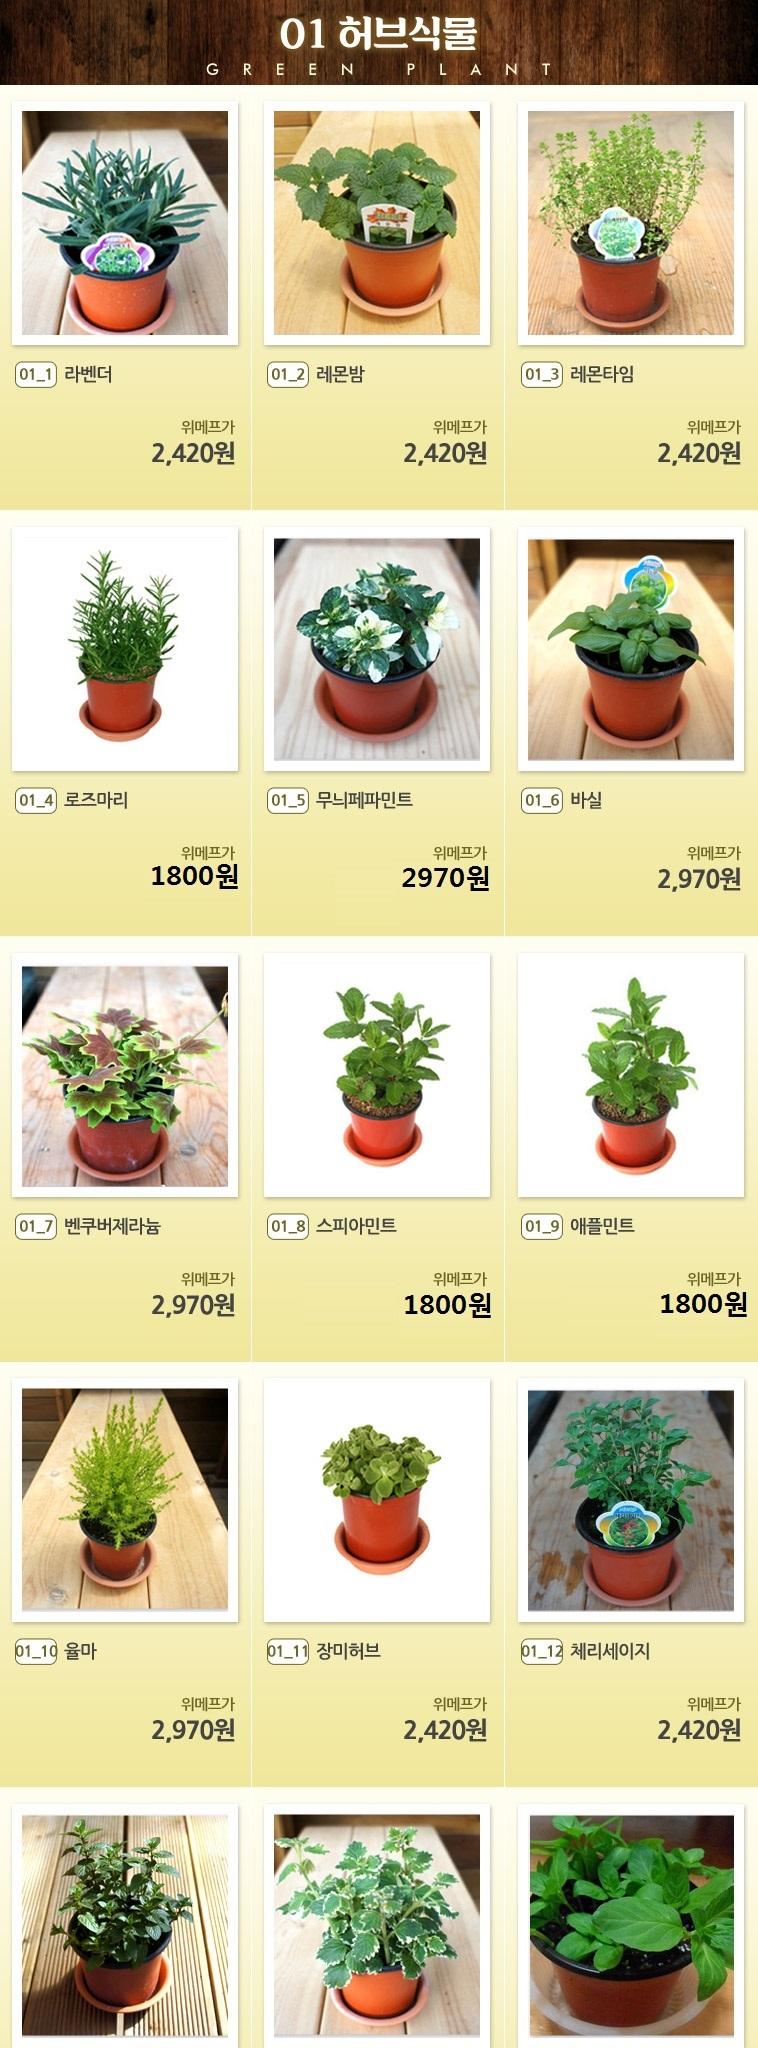 공기정화식물 화분! 골라담기 - 상세정보